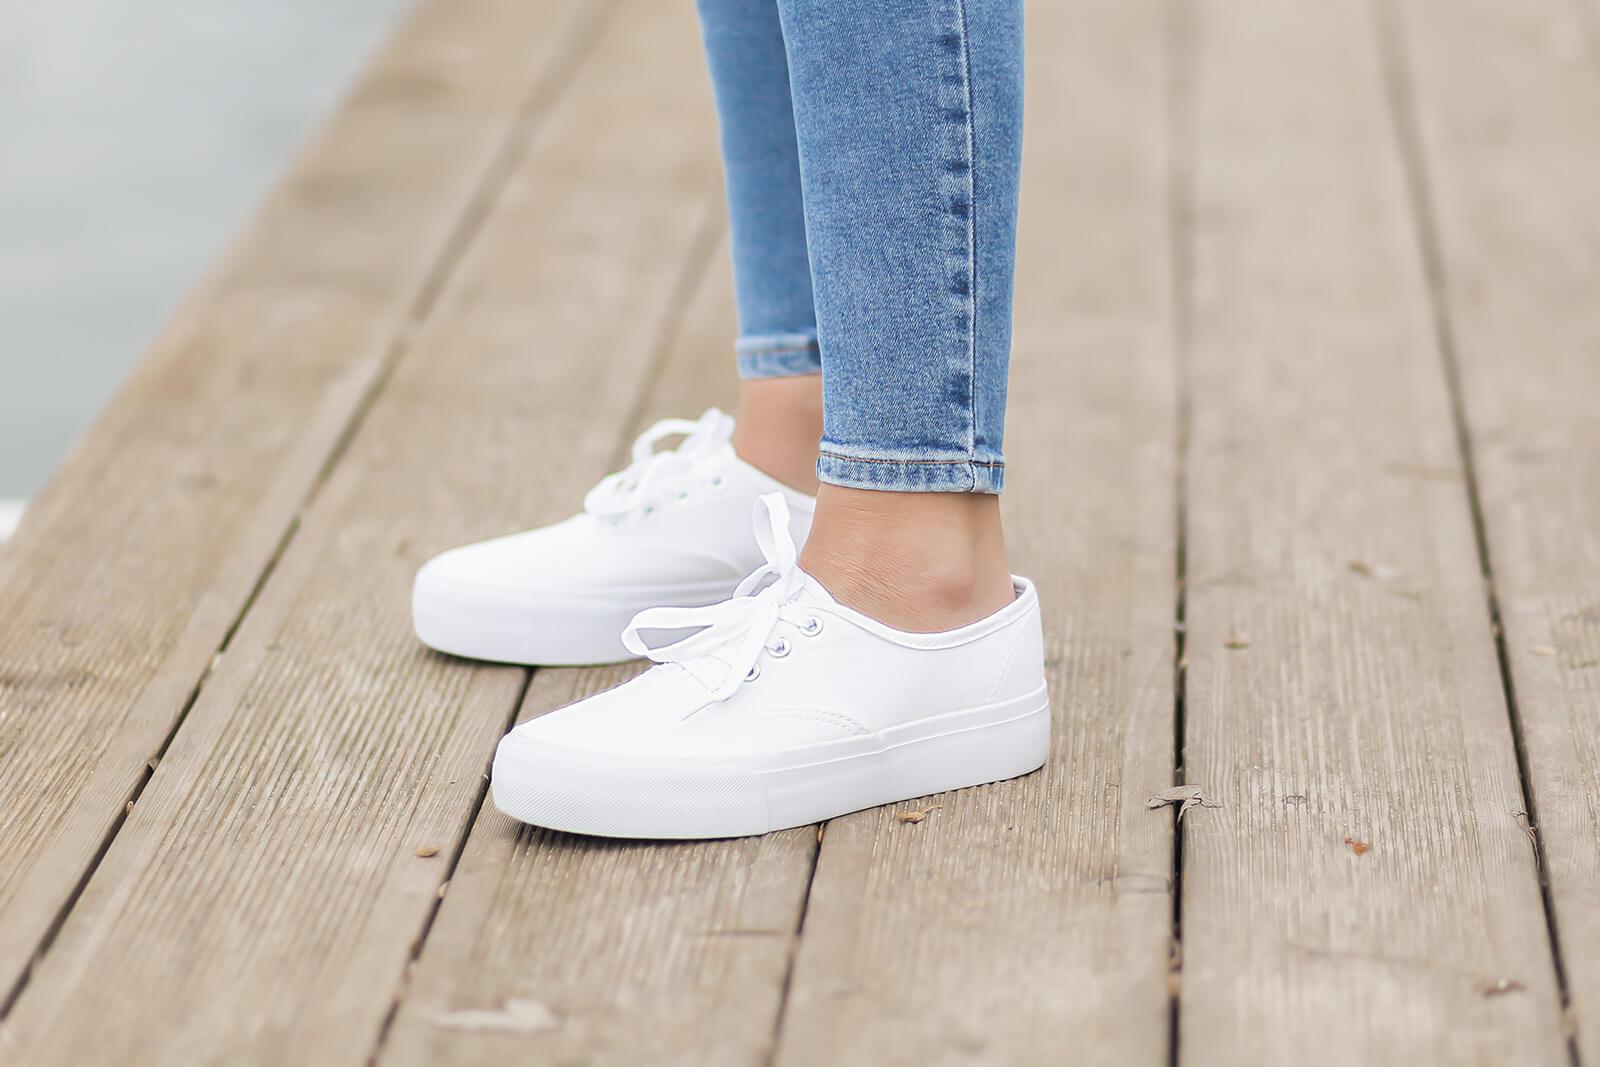 Schuhe für den Übergang, Leinenschuhe, Schuhtrends Frühling 2021, Shoelove by Deichmann